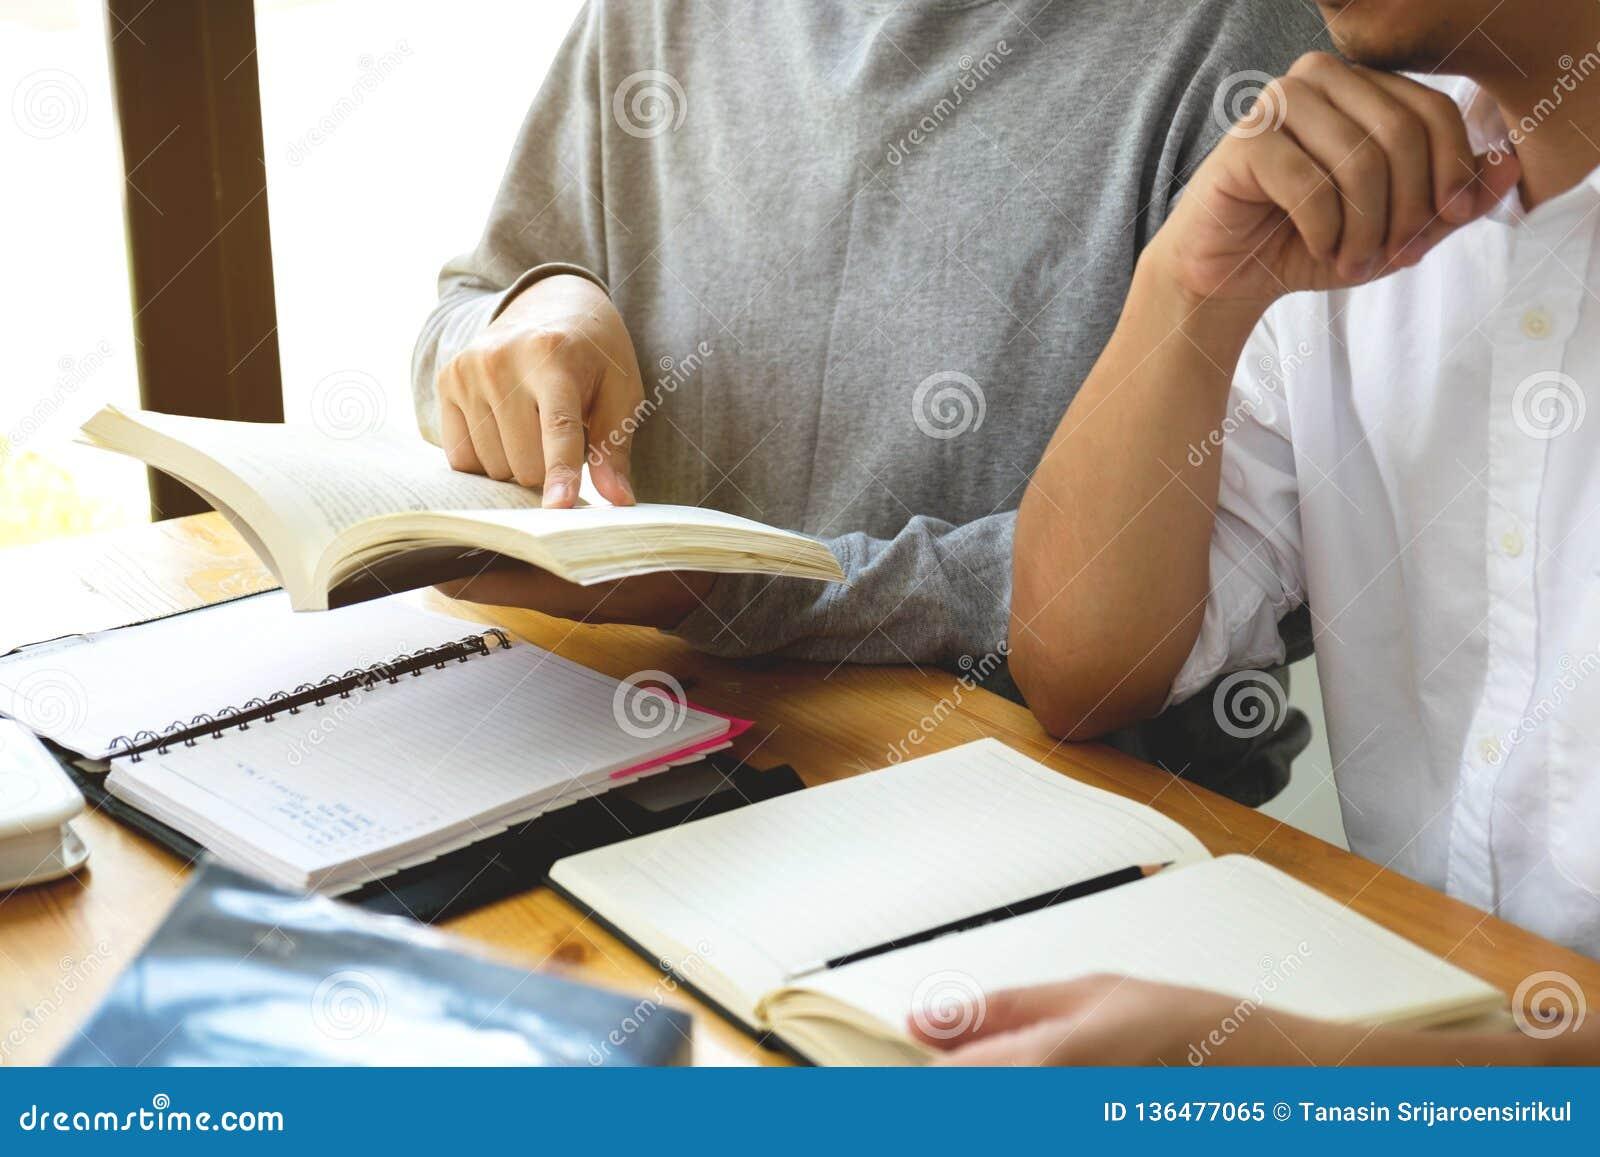 Studenten hilft dem Freund, der abhängiges zusätzliches in der Bibliothek unterrichtet und lernt getrennte alte Bücher